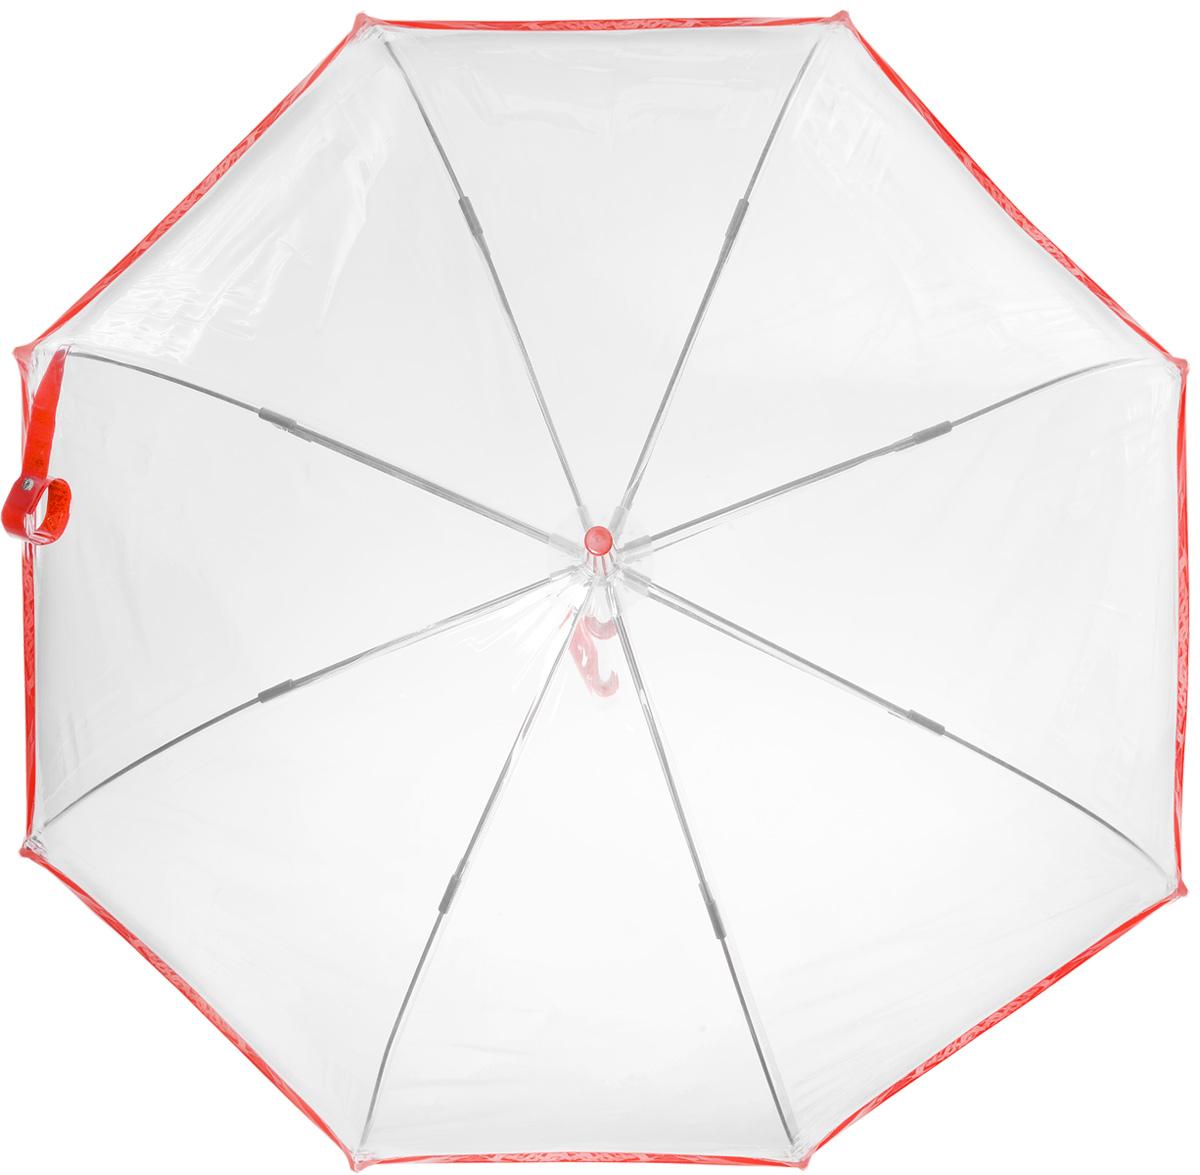 Зонт-трость женский Bird cage, механический, цвет: прозрачный, красныйL041 1F025Стильный куполообразный зонт-трость Bird cage, закрывающий голову и плечи, даже в ненастную погоду позволит вам оставаться элегантной. Каркас зонта выполнен из 8 спиц из фибергласса, стержень изготовлен из стали. Купол зонта выполнен из прозрачного ПВХ. Рукоятка закругленной формы разработана с учетом требований эргономики и изготовлена из пластика. Зонт имеет механический тип сложения: купол открывается и закрывается вручную до характерного щелчка. Такой зонт не только надежно защитит вас от дождя, но и станет стильным аксессуаром. Характеристики: Материал: ПВХ, сталь, фибергласс, пластик. Диаметр купола: 89 см. Цвет: прозрачный, красный. Длина стержня зонта: 84 см. Длина зонта (в сложенном виде): 94 см. Вес: 540 г. Артикул: L041 1F025.